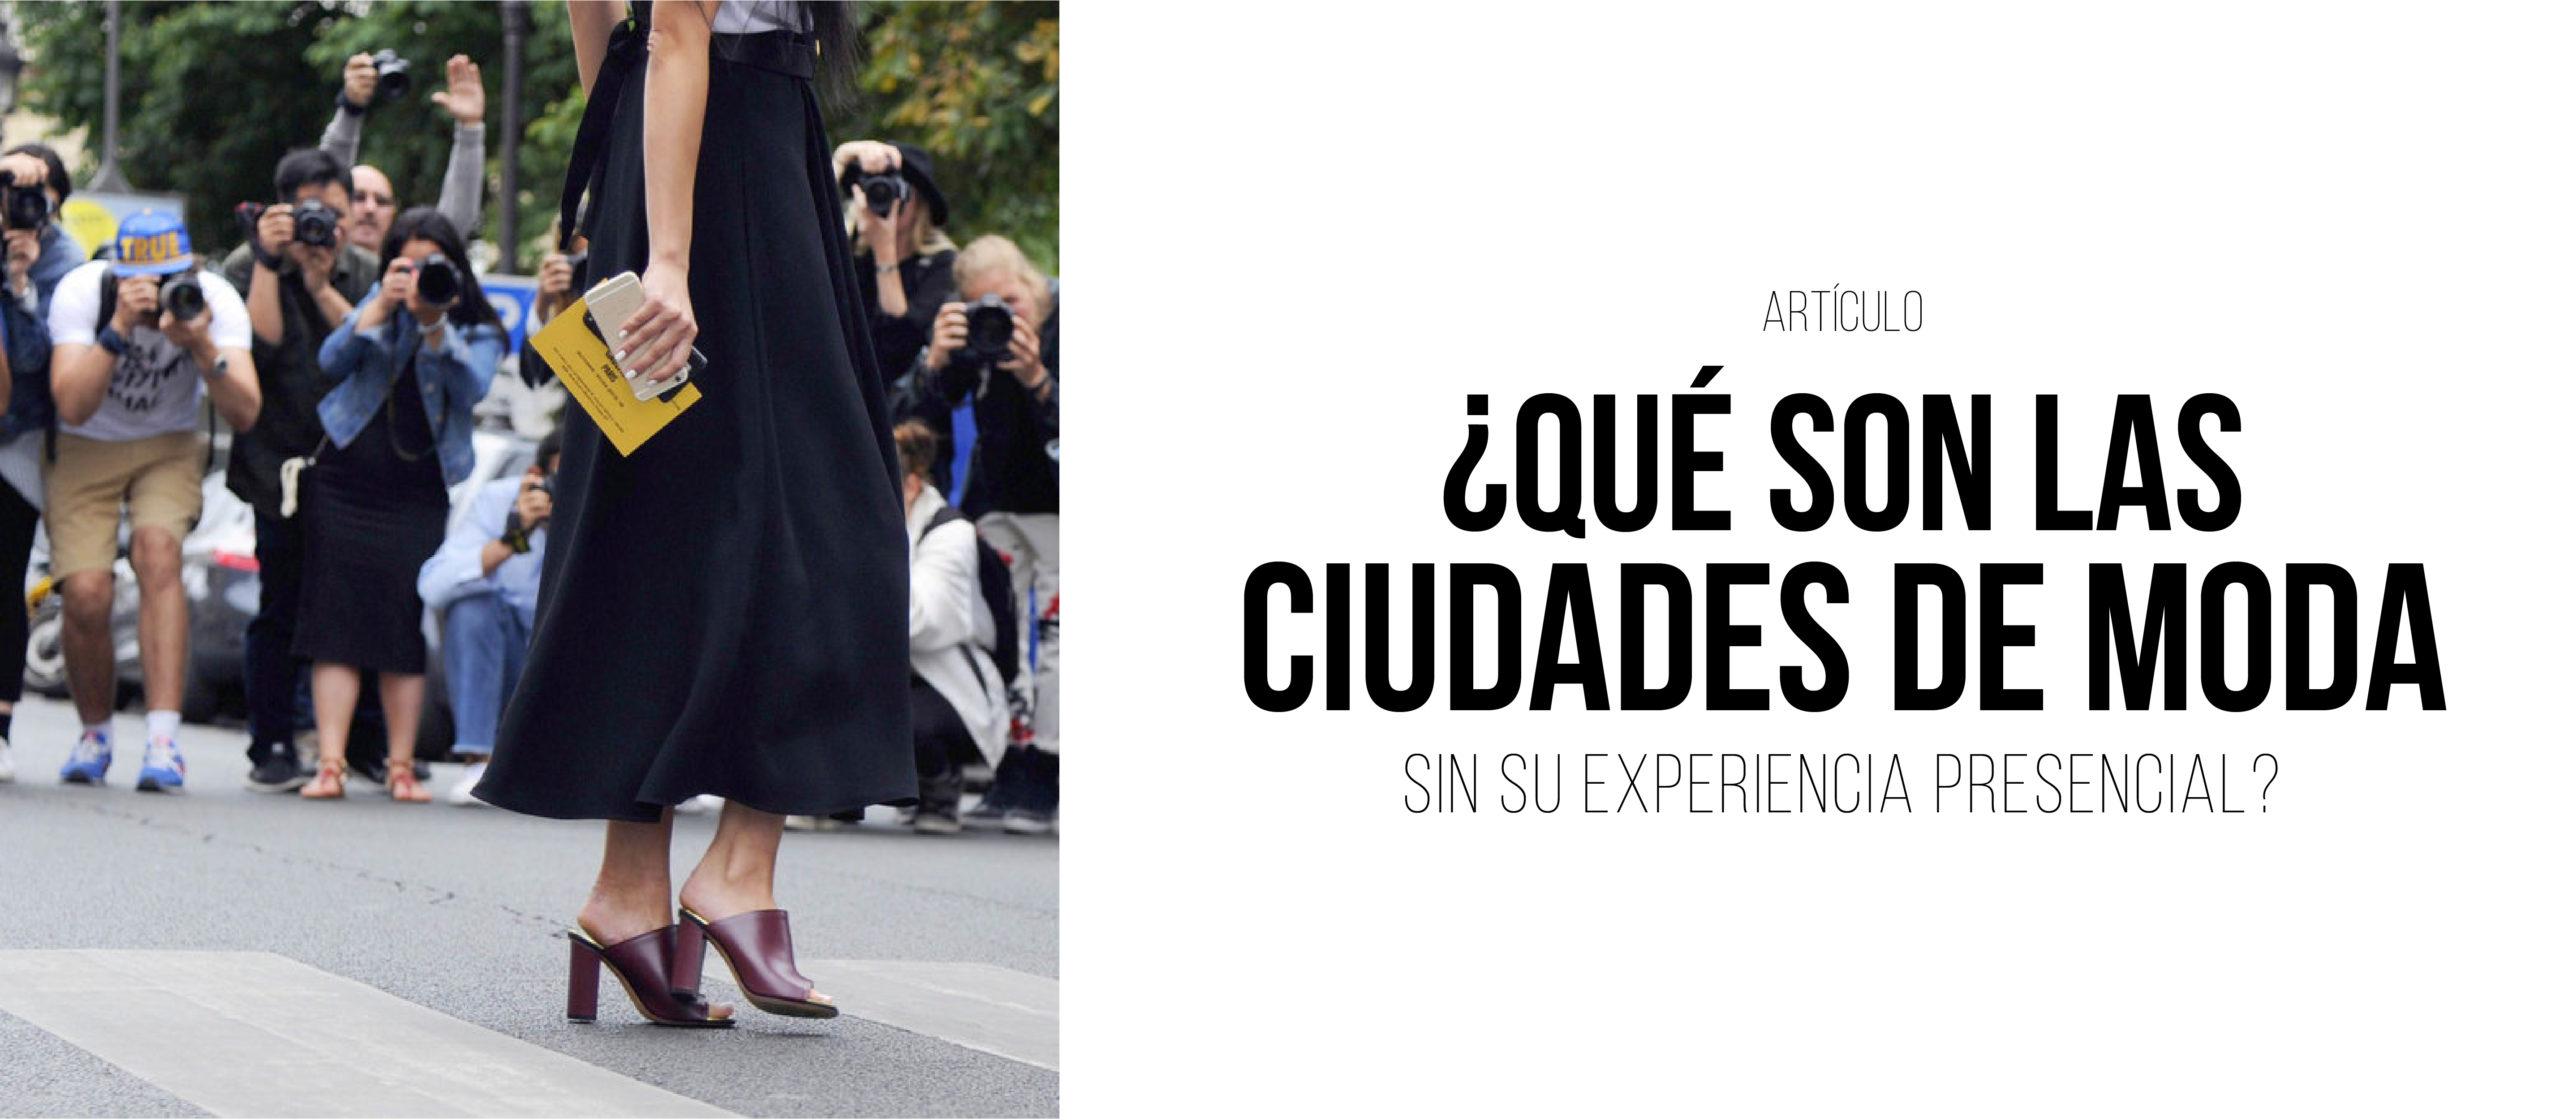 ¿Qué son las ciudades de moda sin su experiencia presencial?